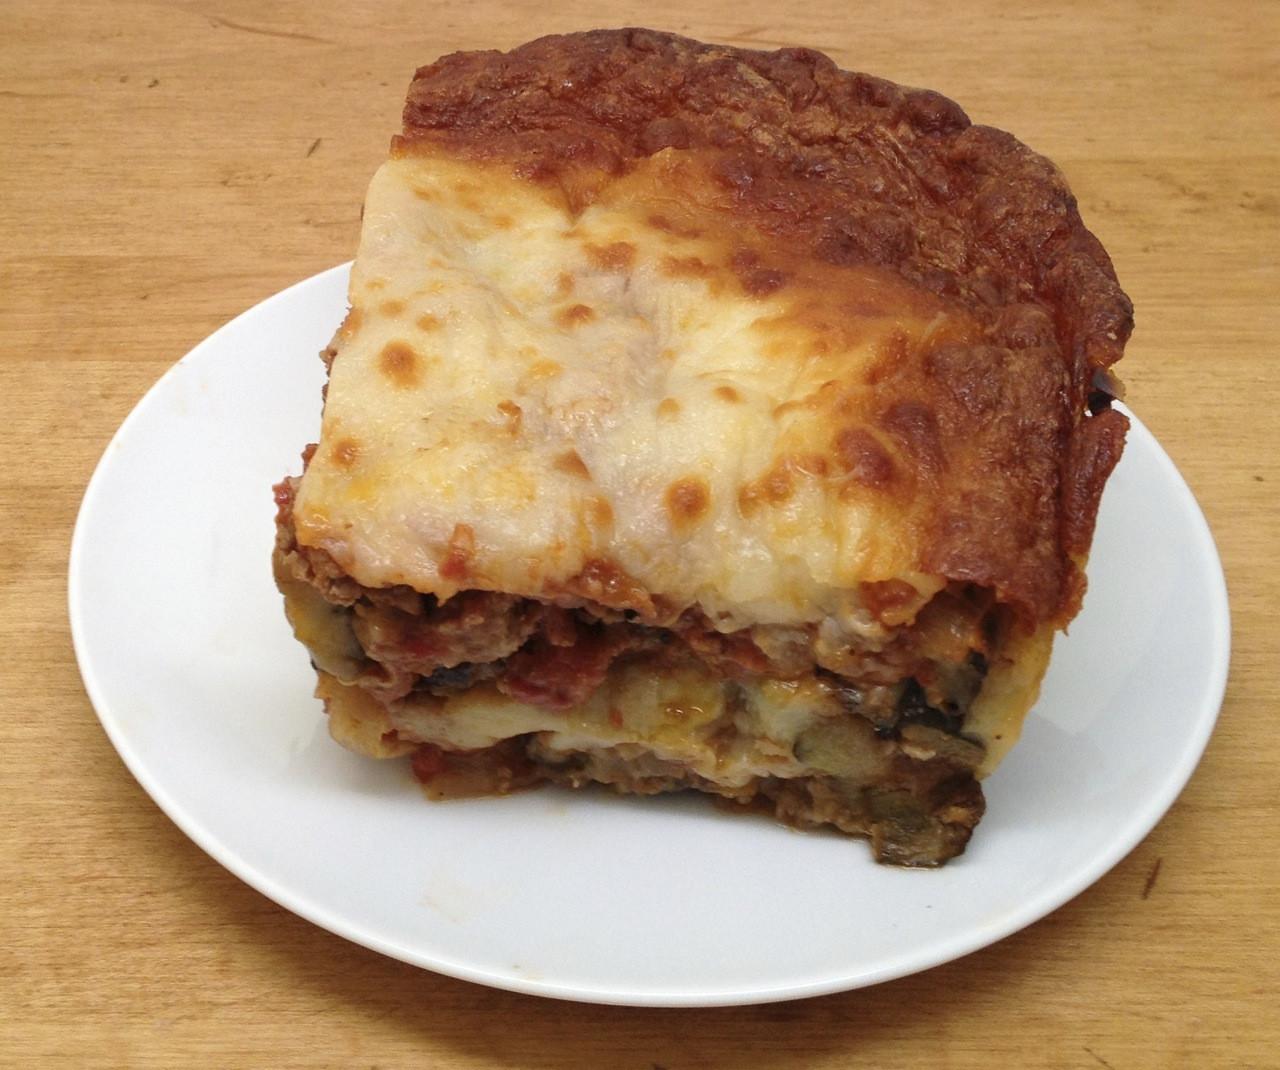 Low Carb Eggplant Lasagna  No Pasta Eggplant Lasagna Low Carb Gluten Free